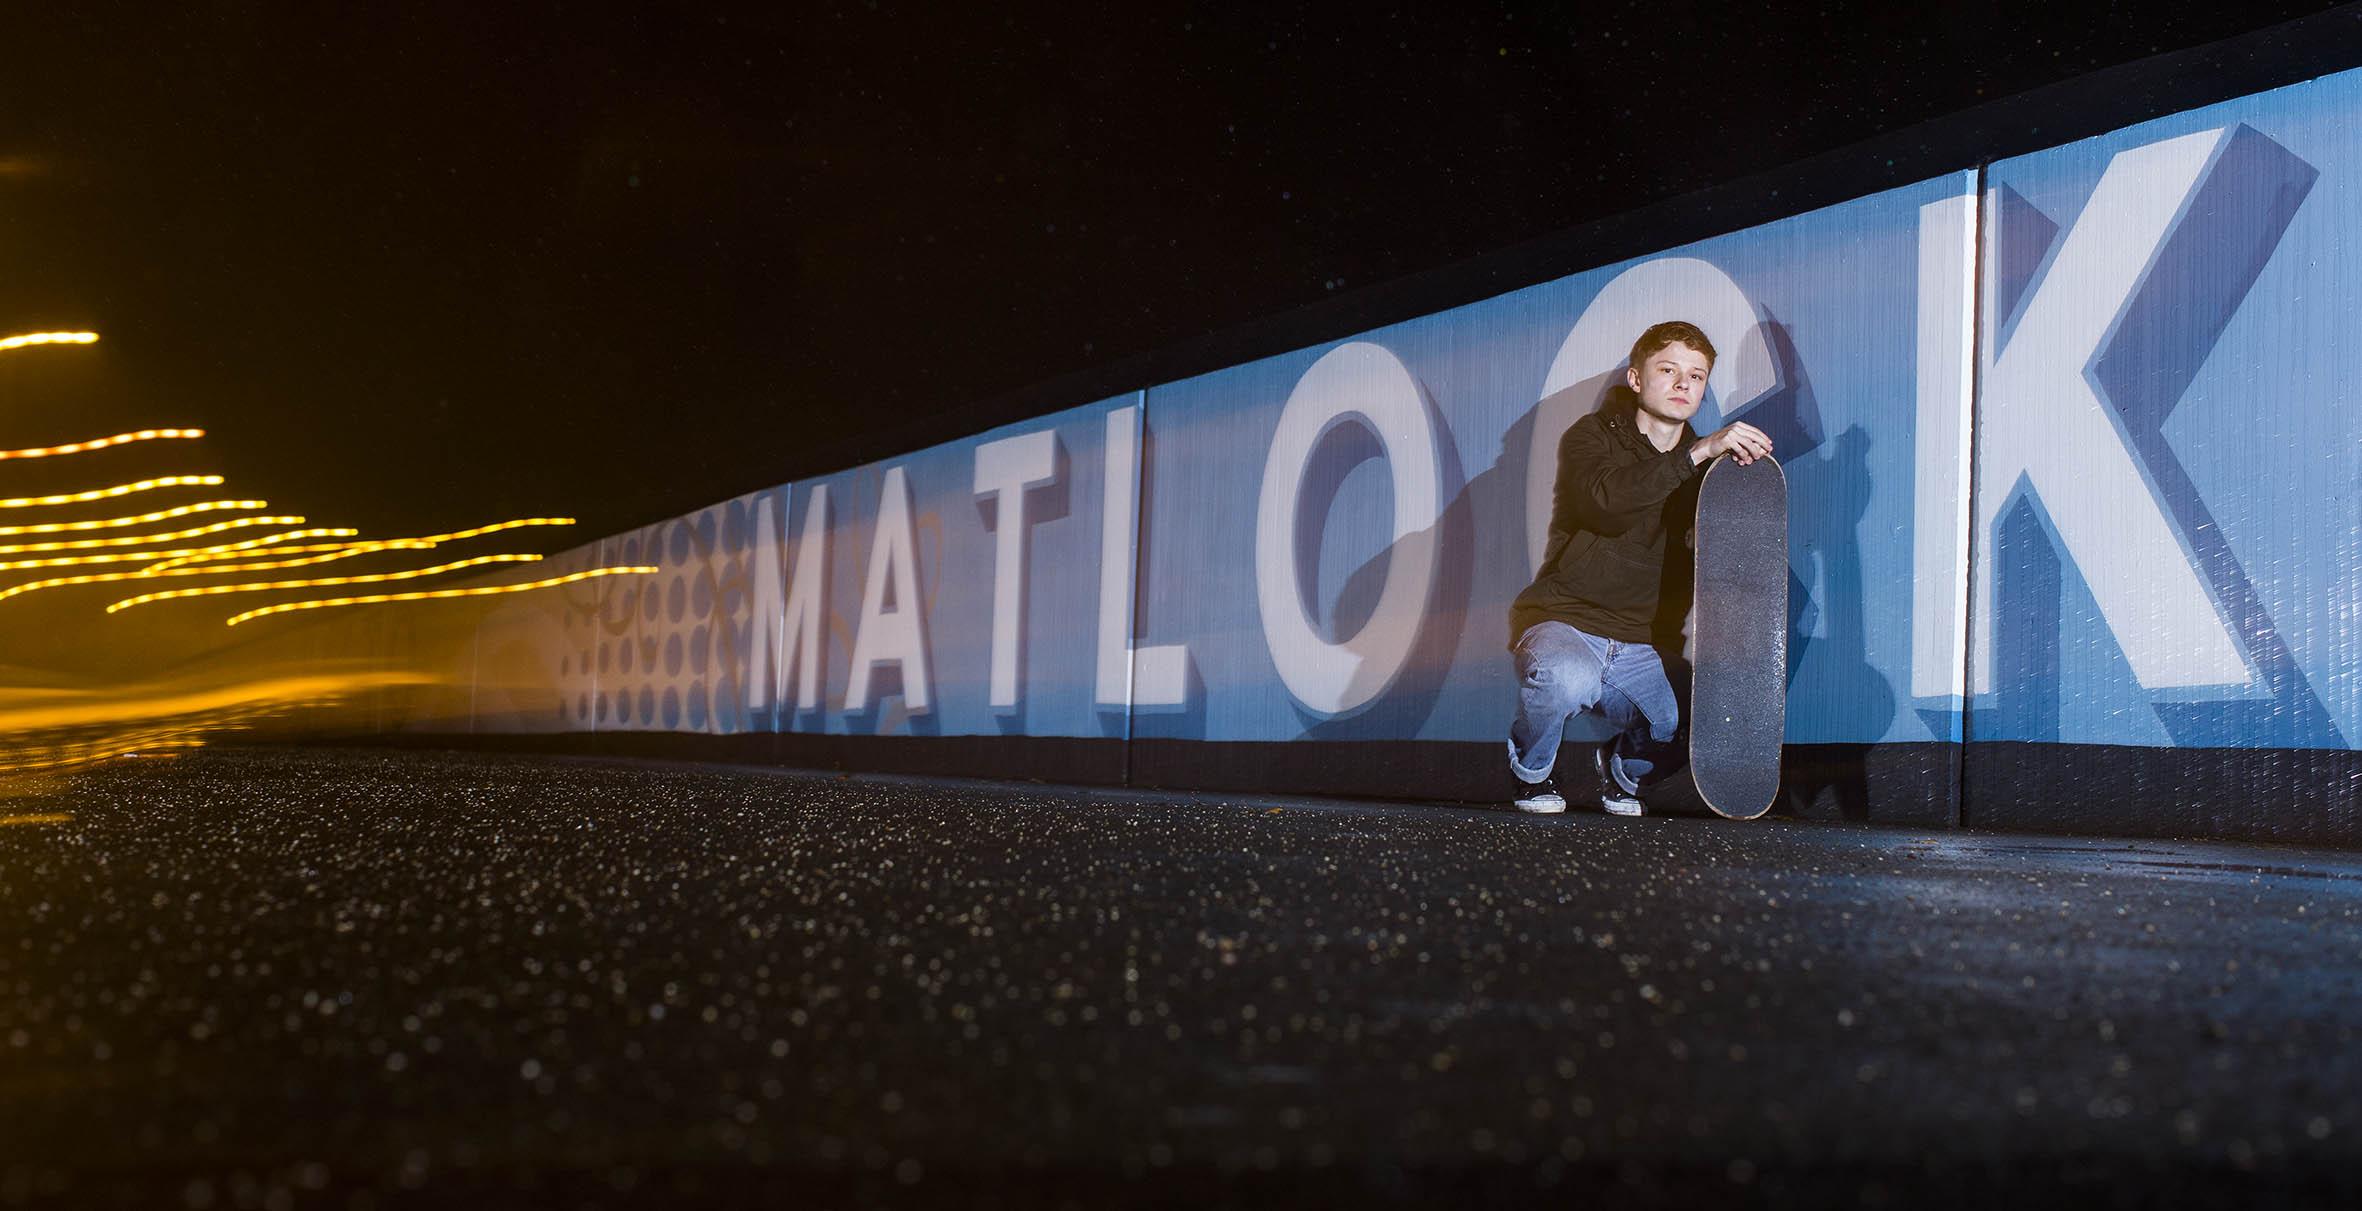 Matlok Bennett-Jones